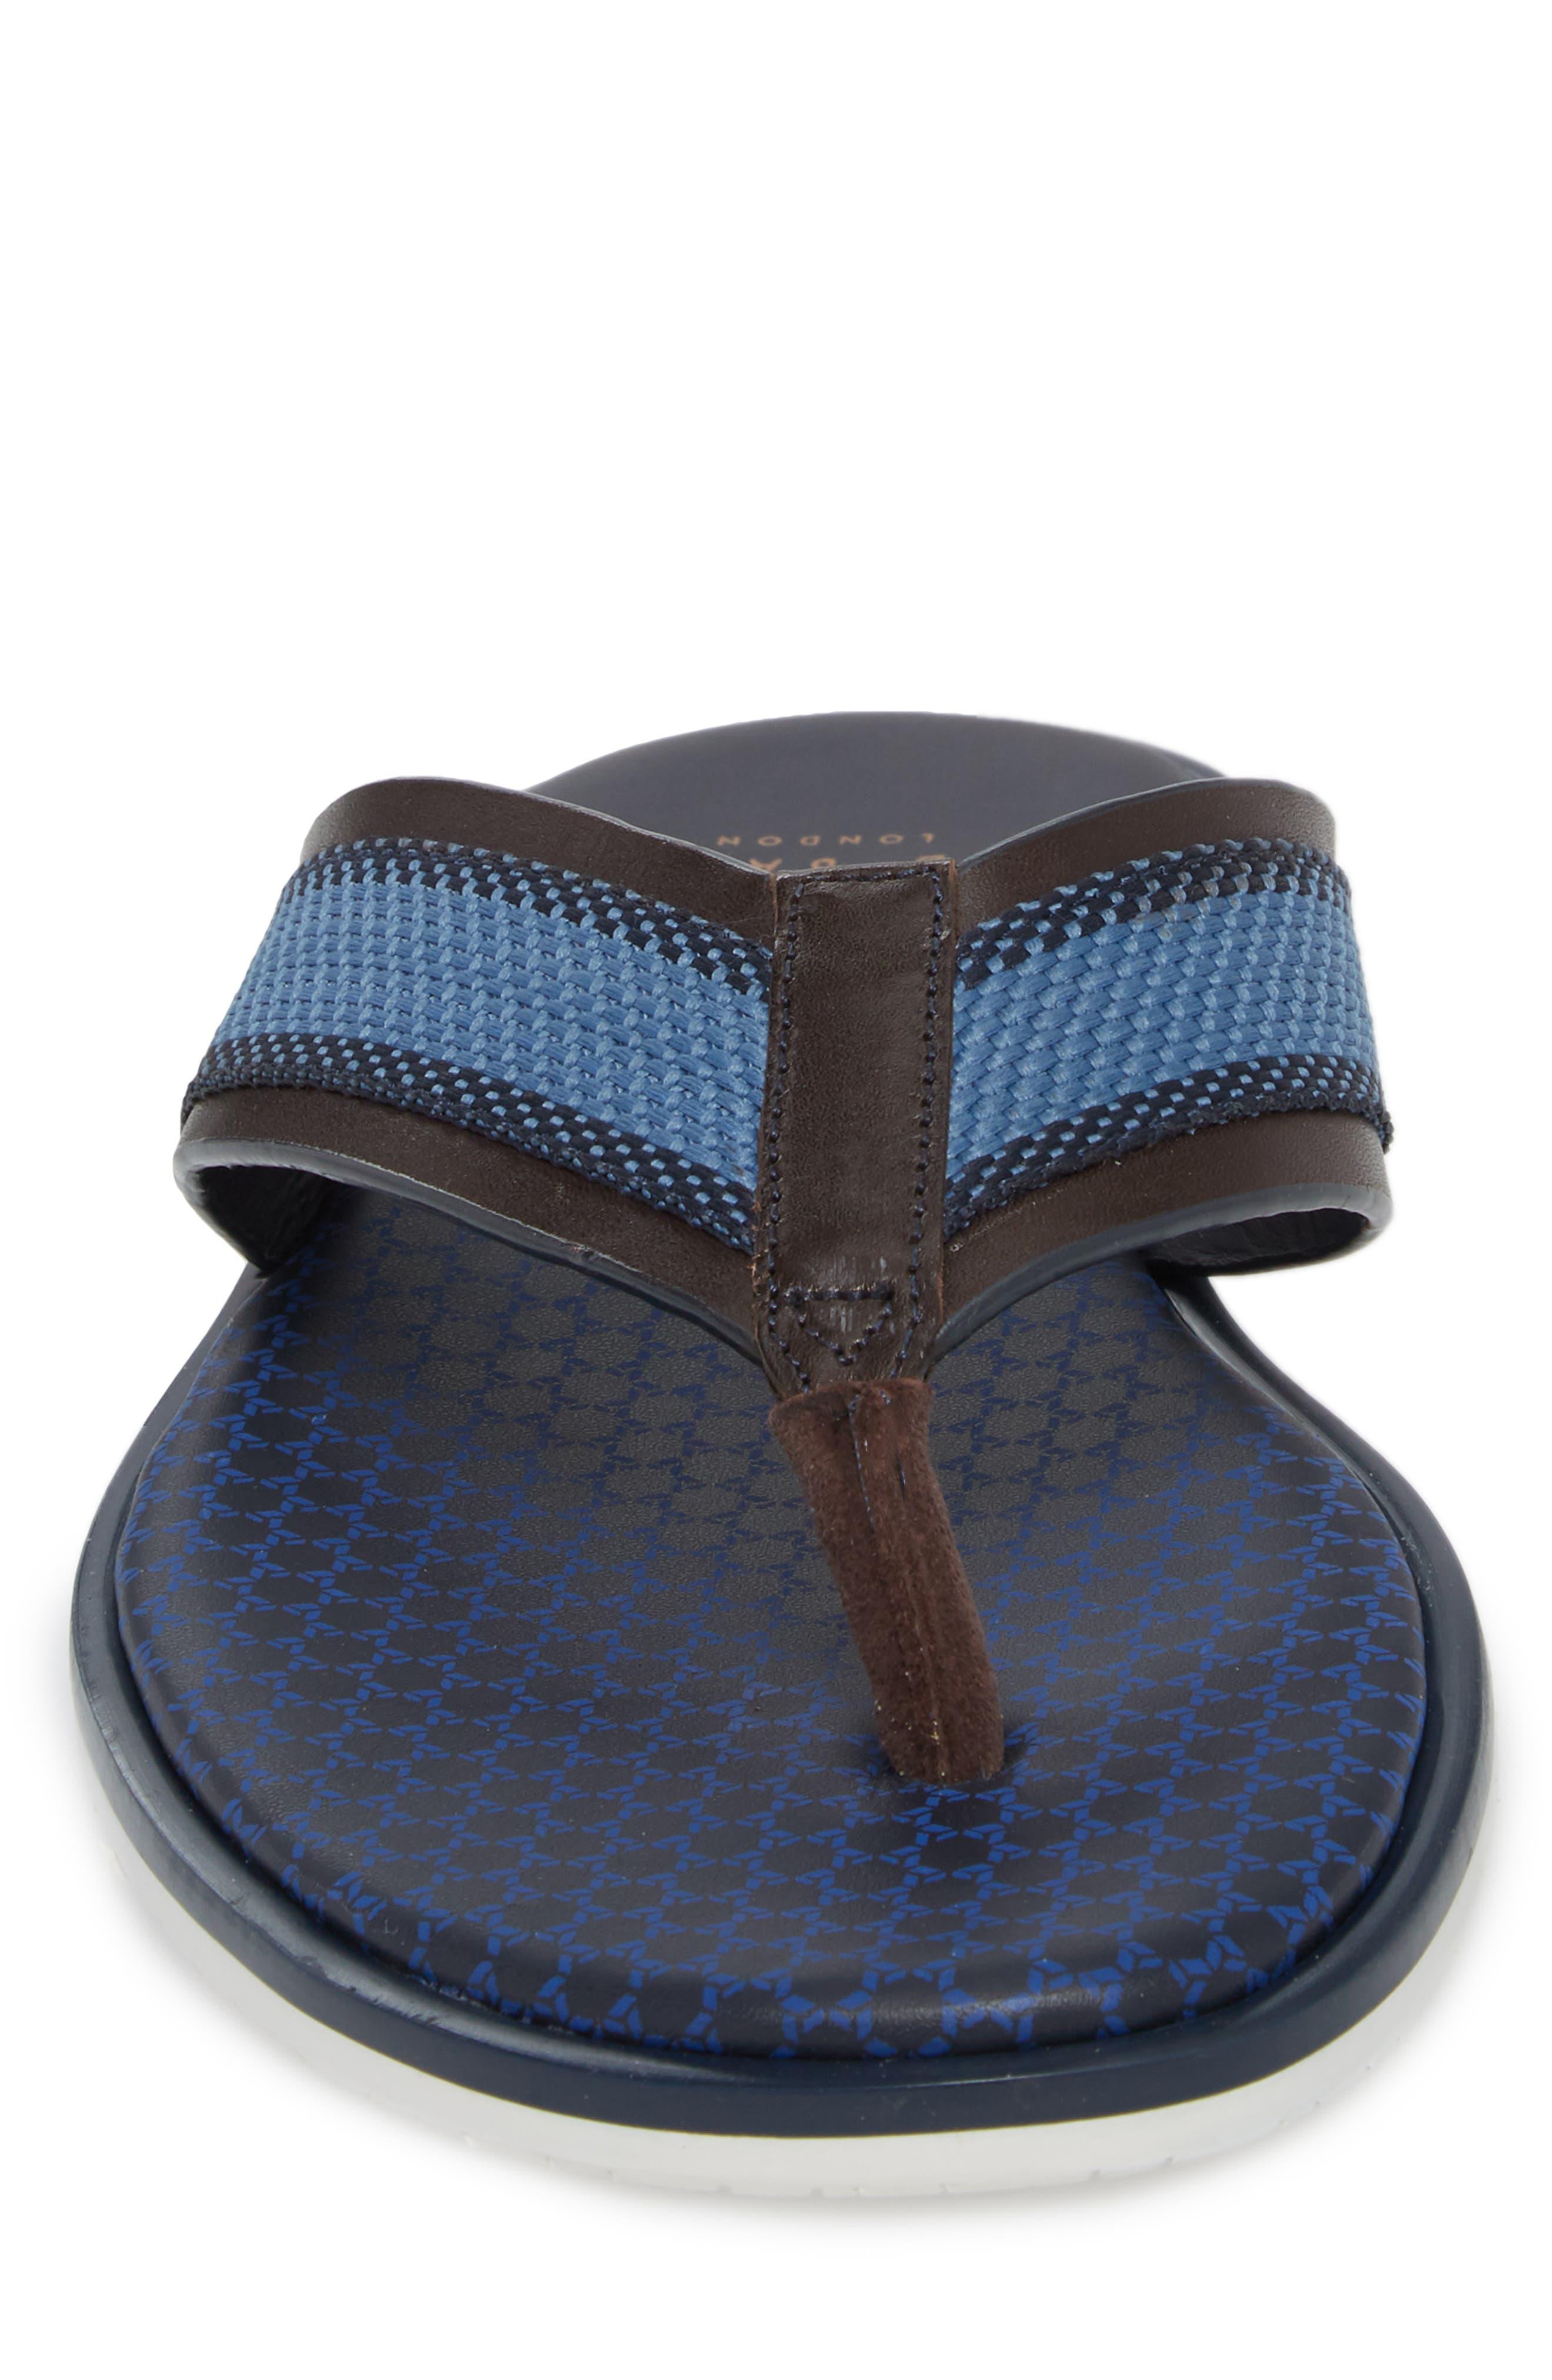 Knowlun Flip Flop,                             Alternate thumbnail 4, color,                             Brown Leather/Textile